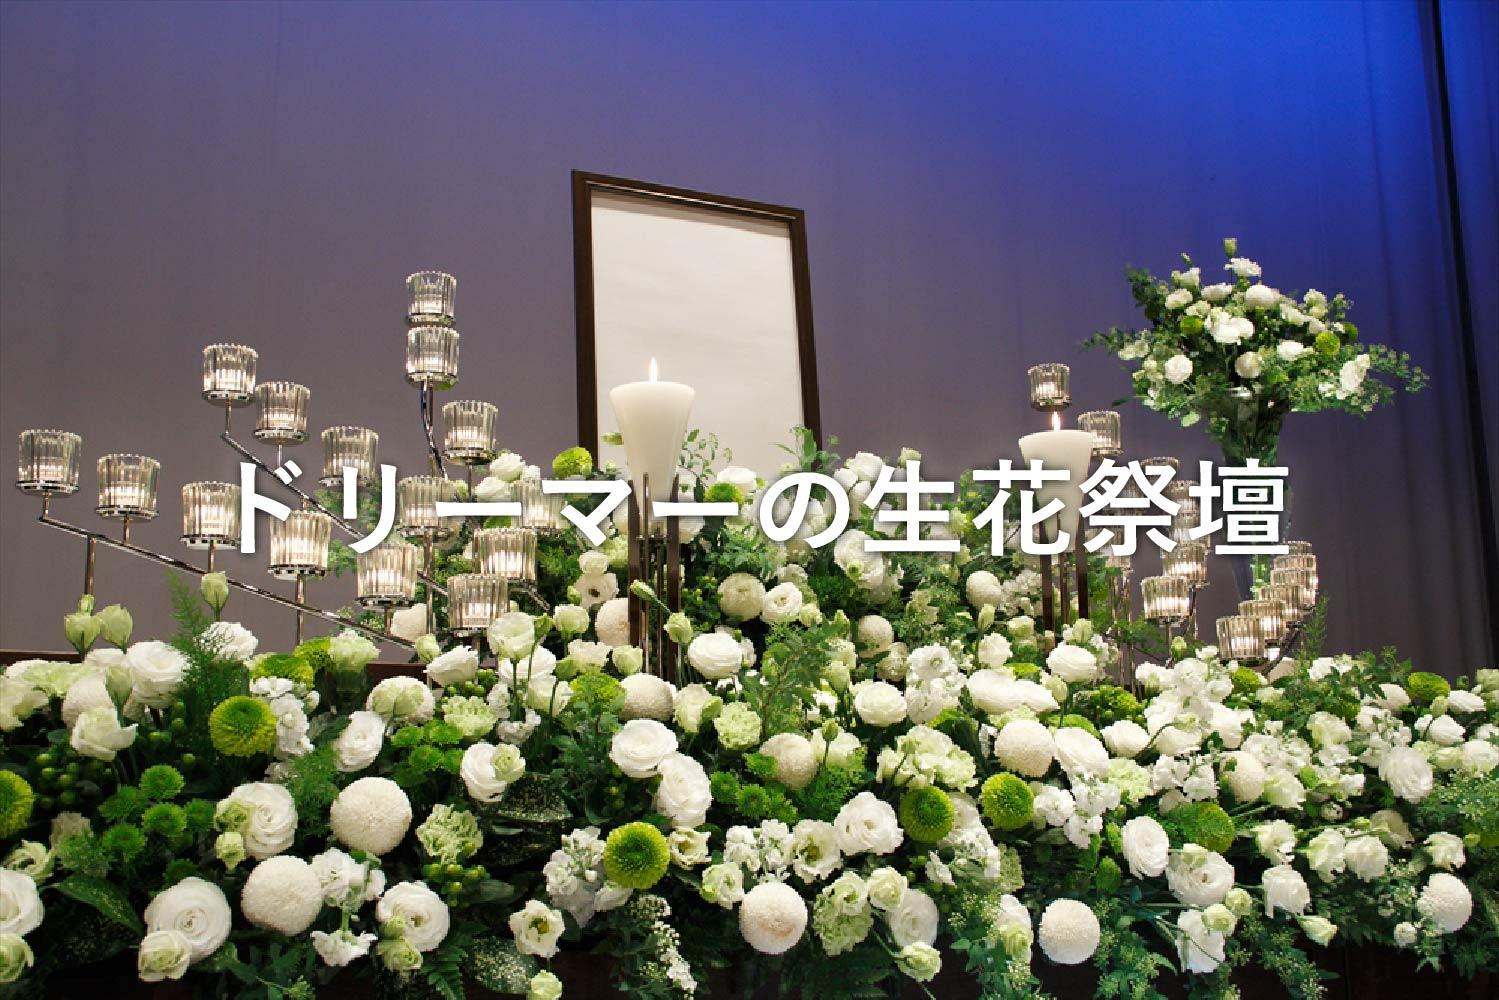 ドリーマーの生花祭壇ページへ